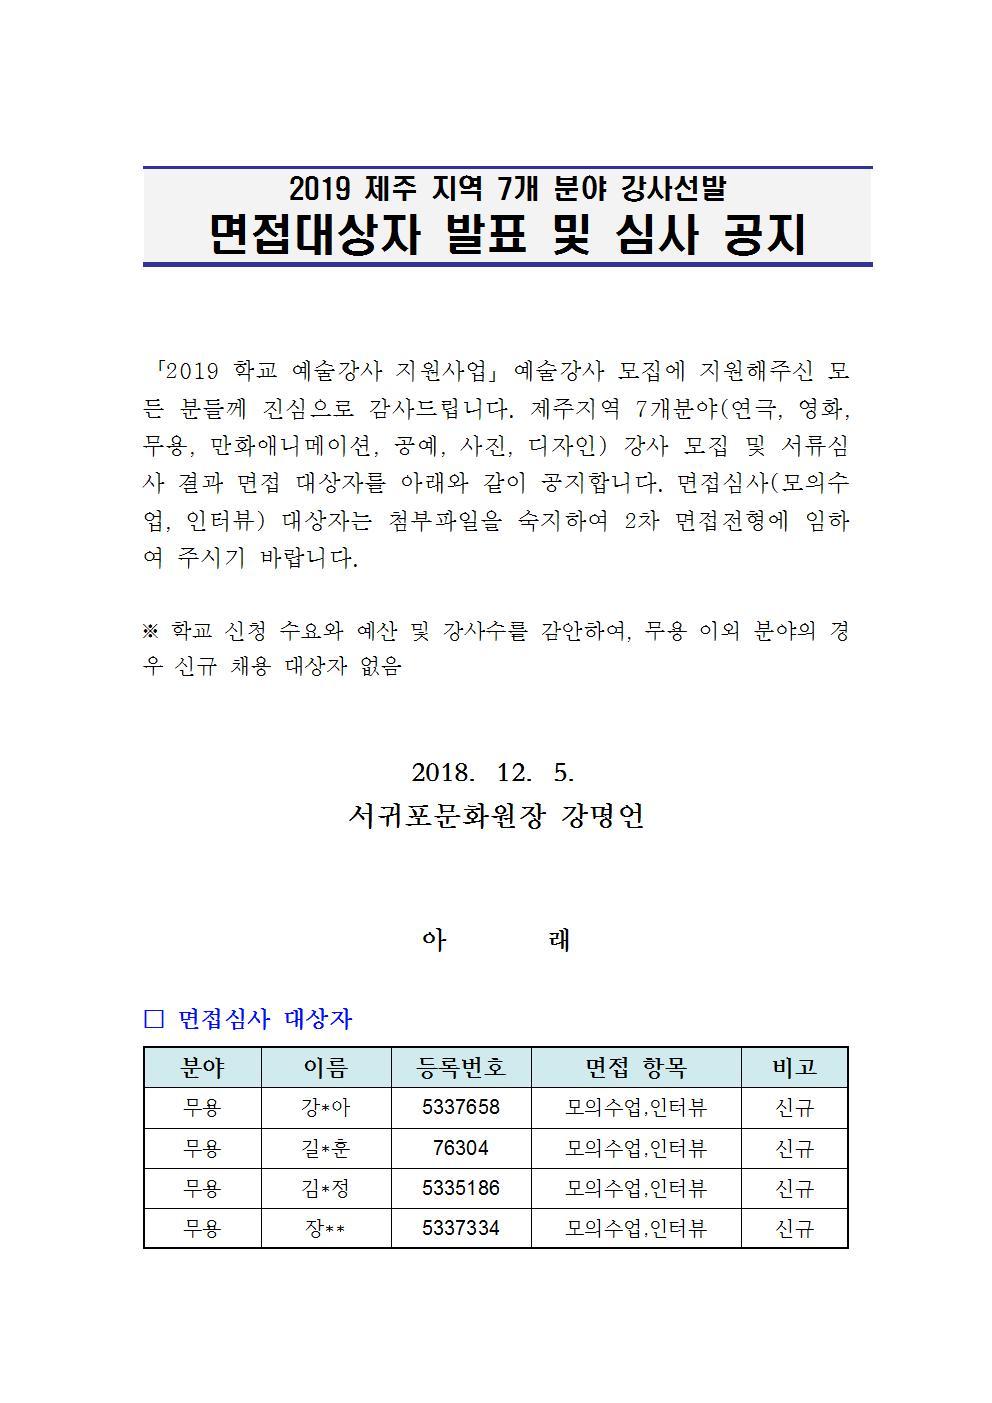 공지181205_2019예술강사지원사업_면접대상자발표및면접_안내001.jpg